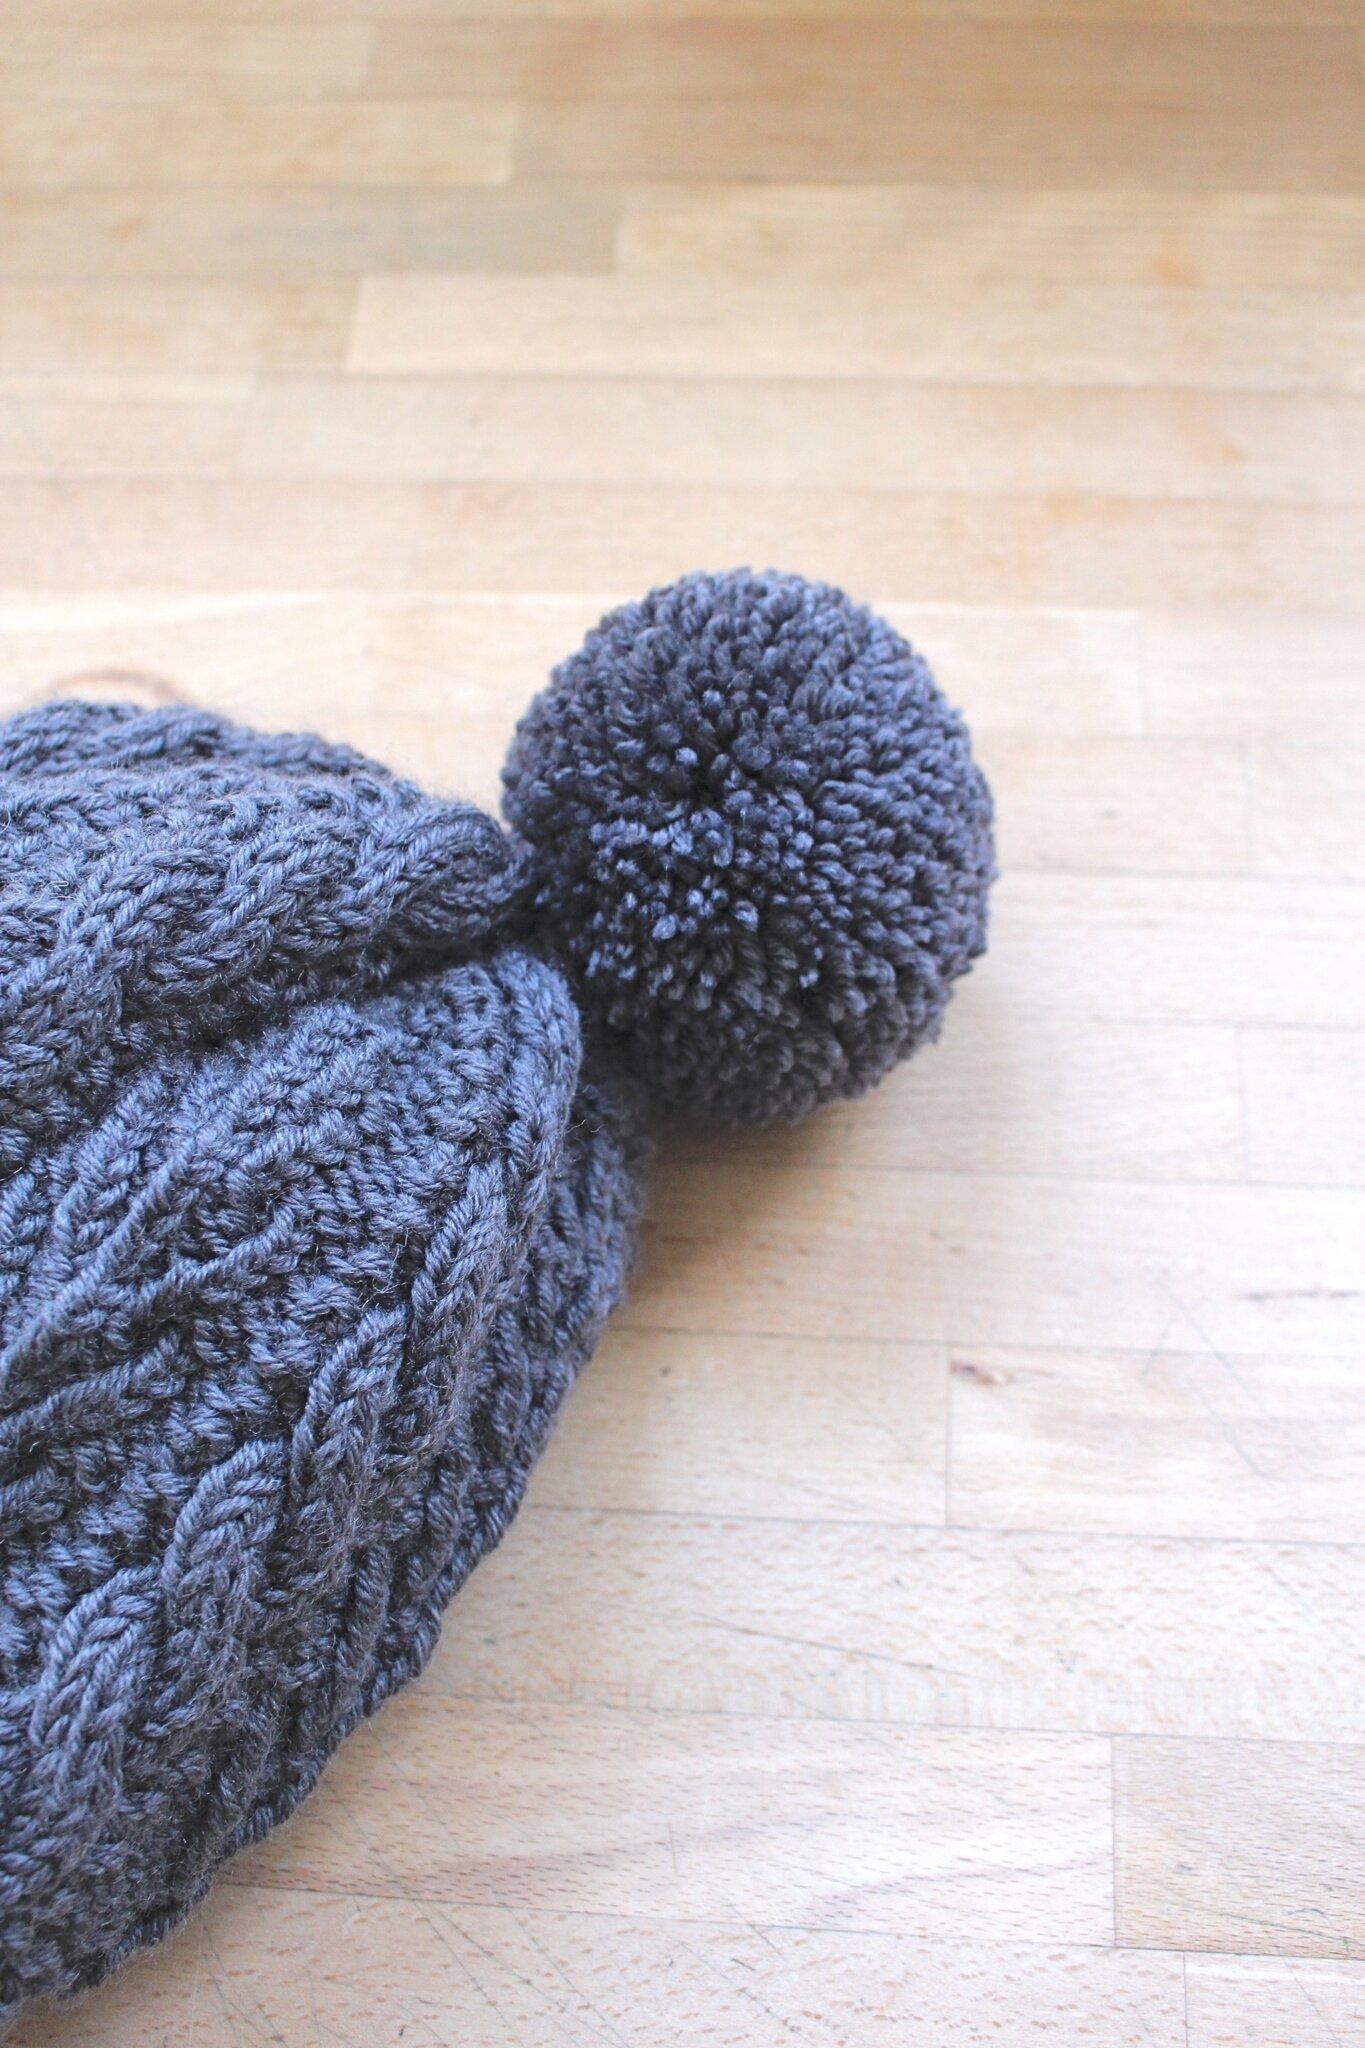 Bough/Brooklyn Tweed